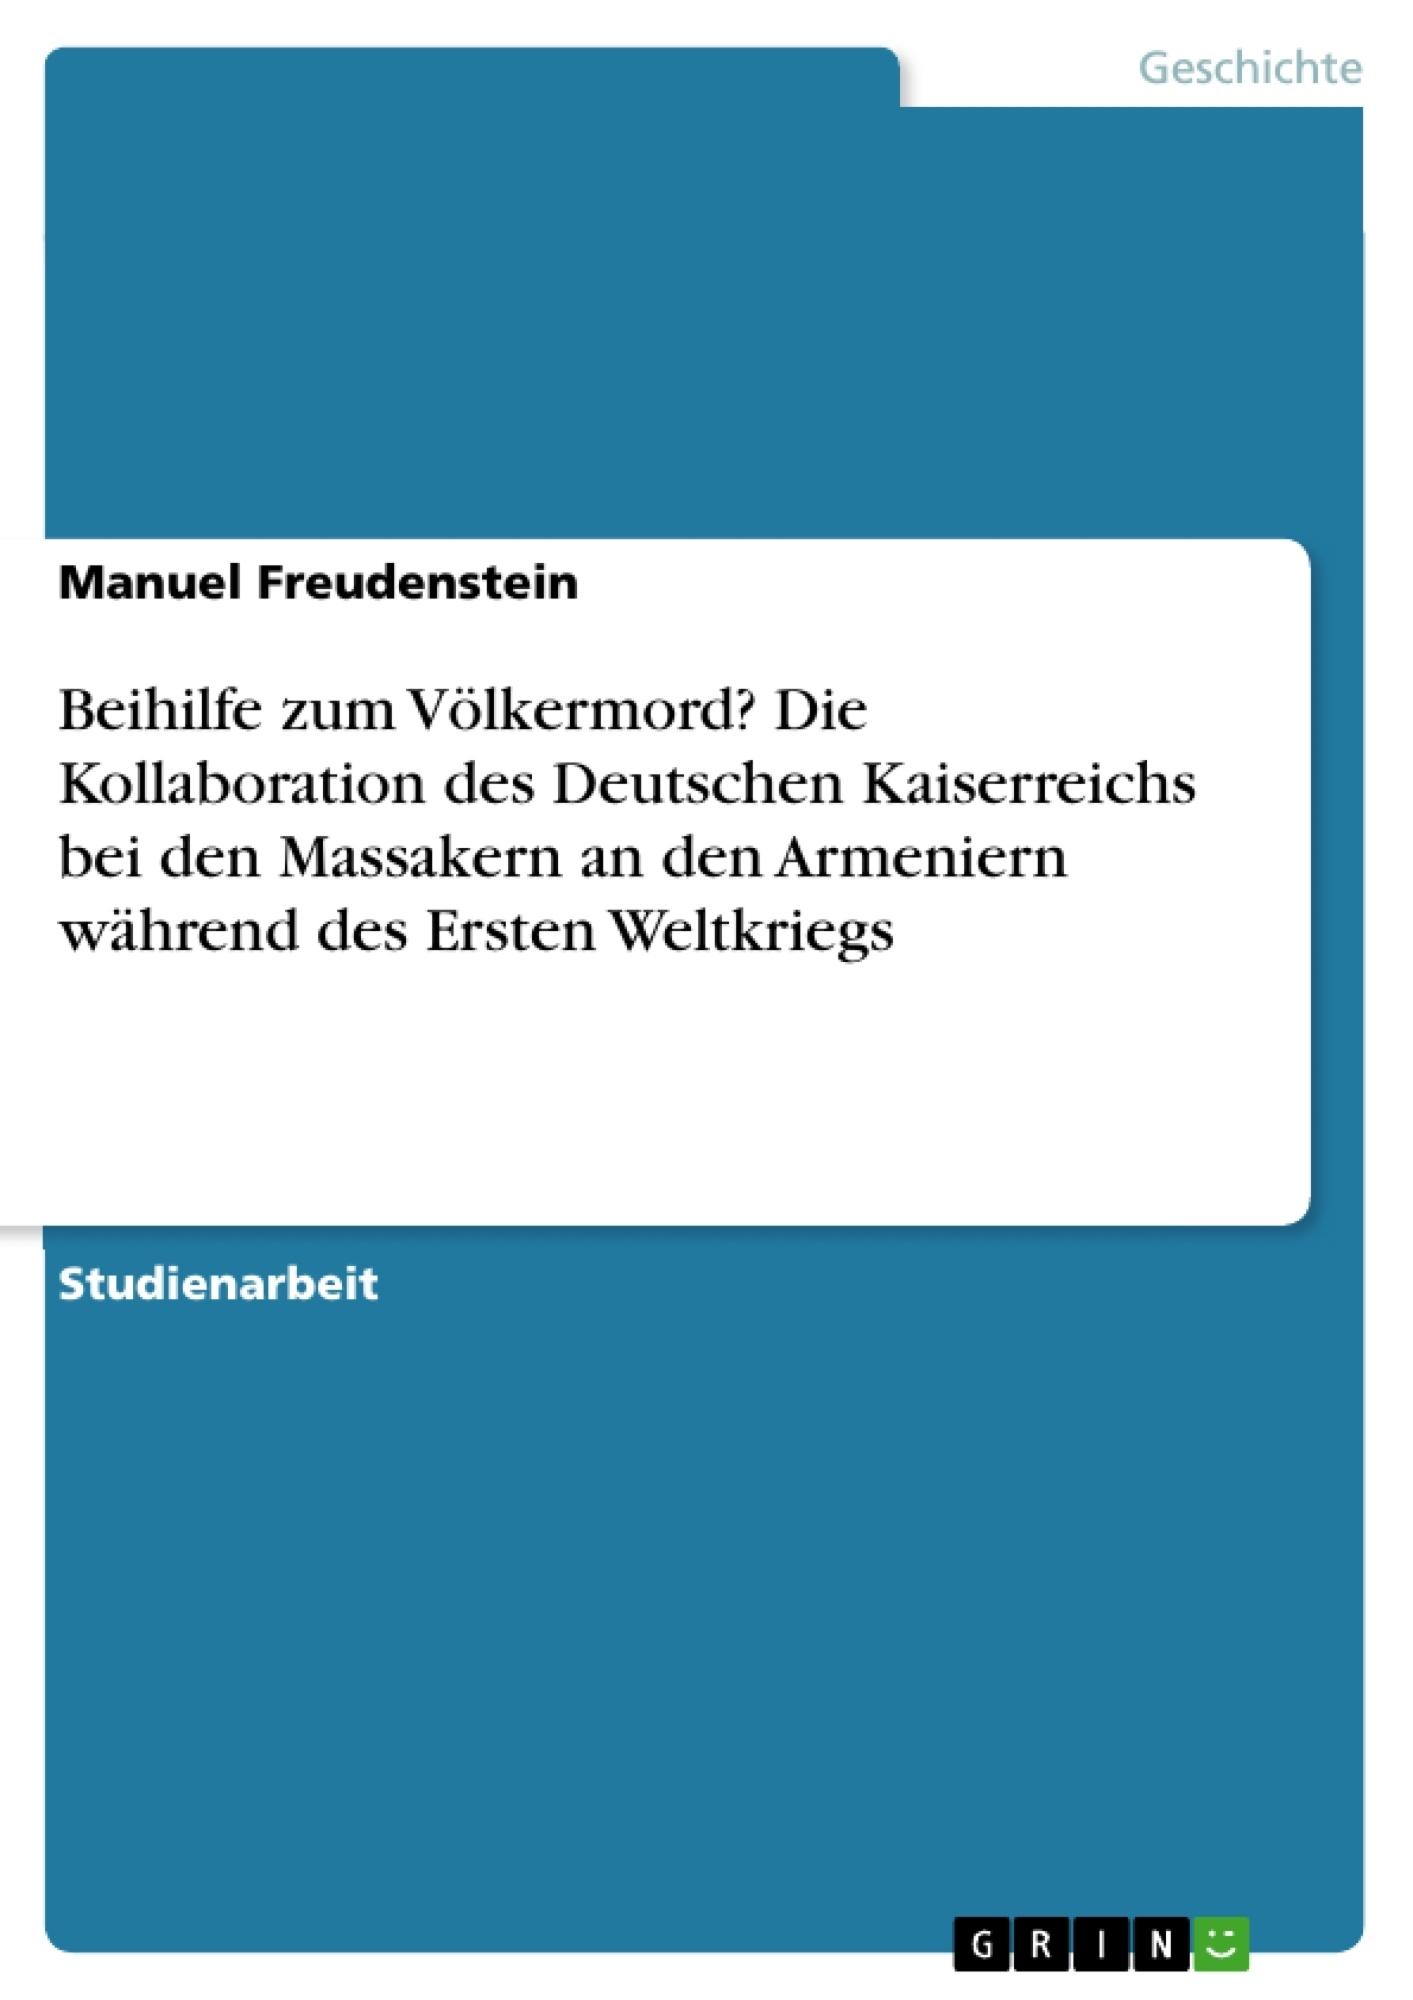 Titel: Beihilfe zum Völkermord? Die Kollaboration des Deutschen Kaiserreichs bei den Massakern an den Armeniern während des Ersten Weltkriegs